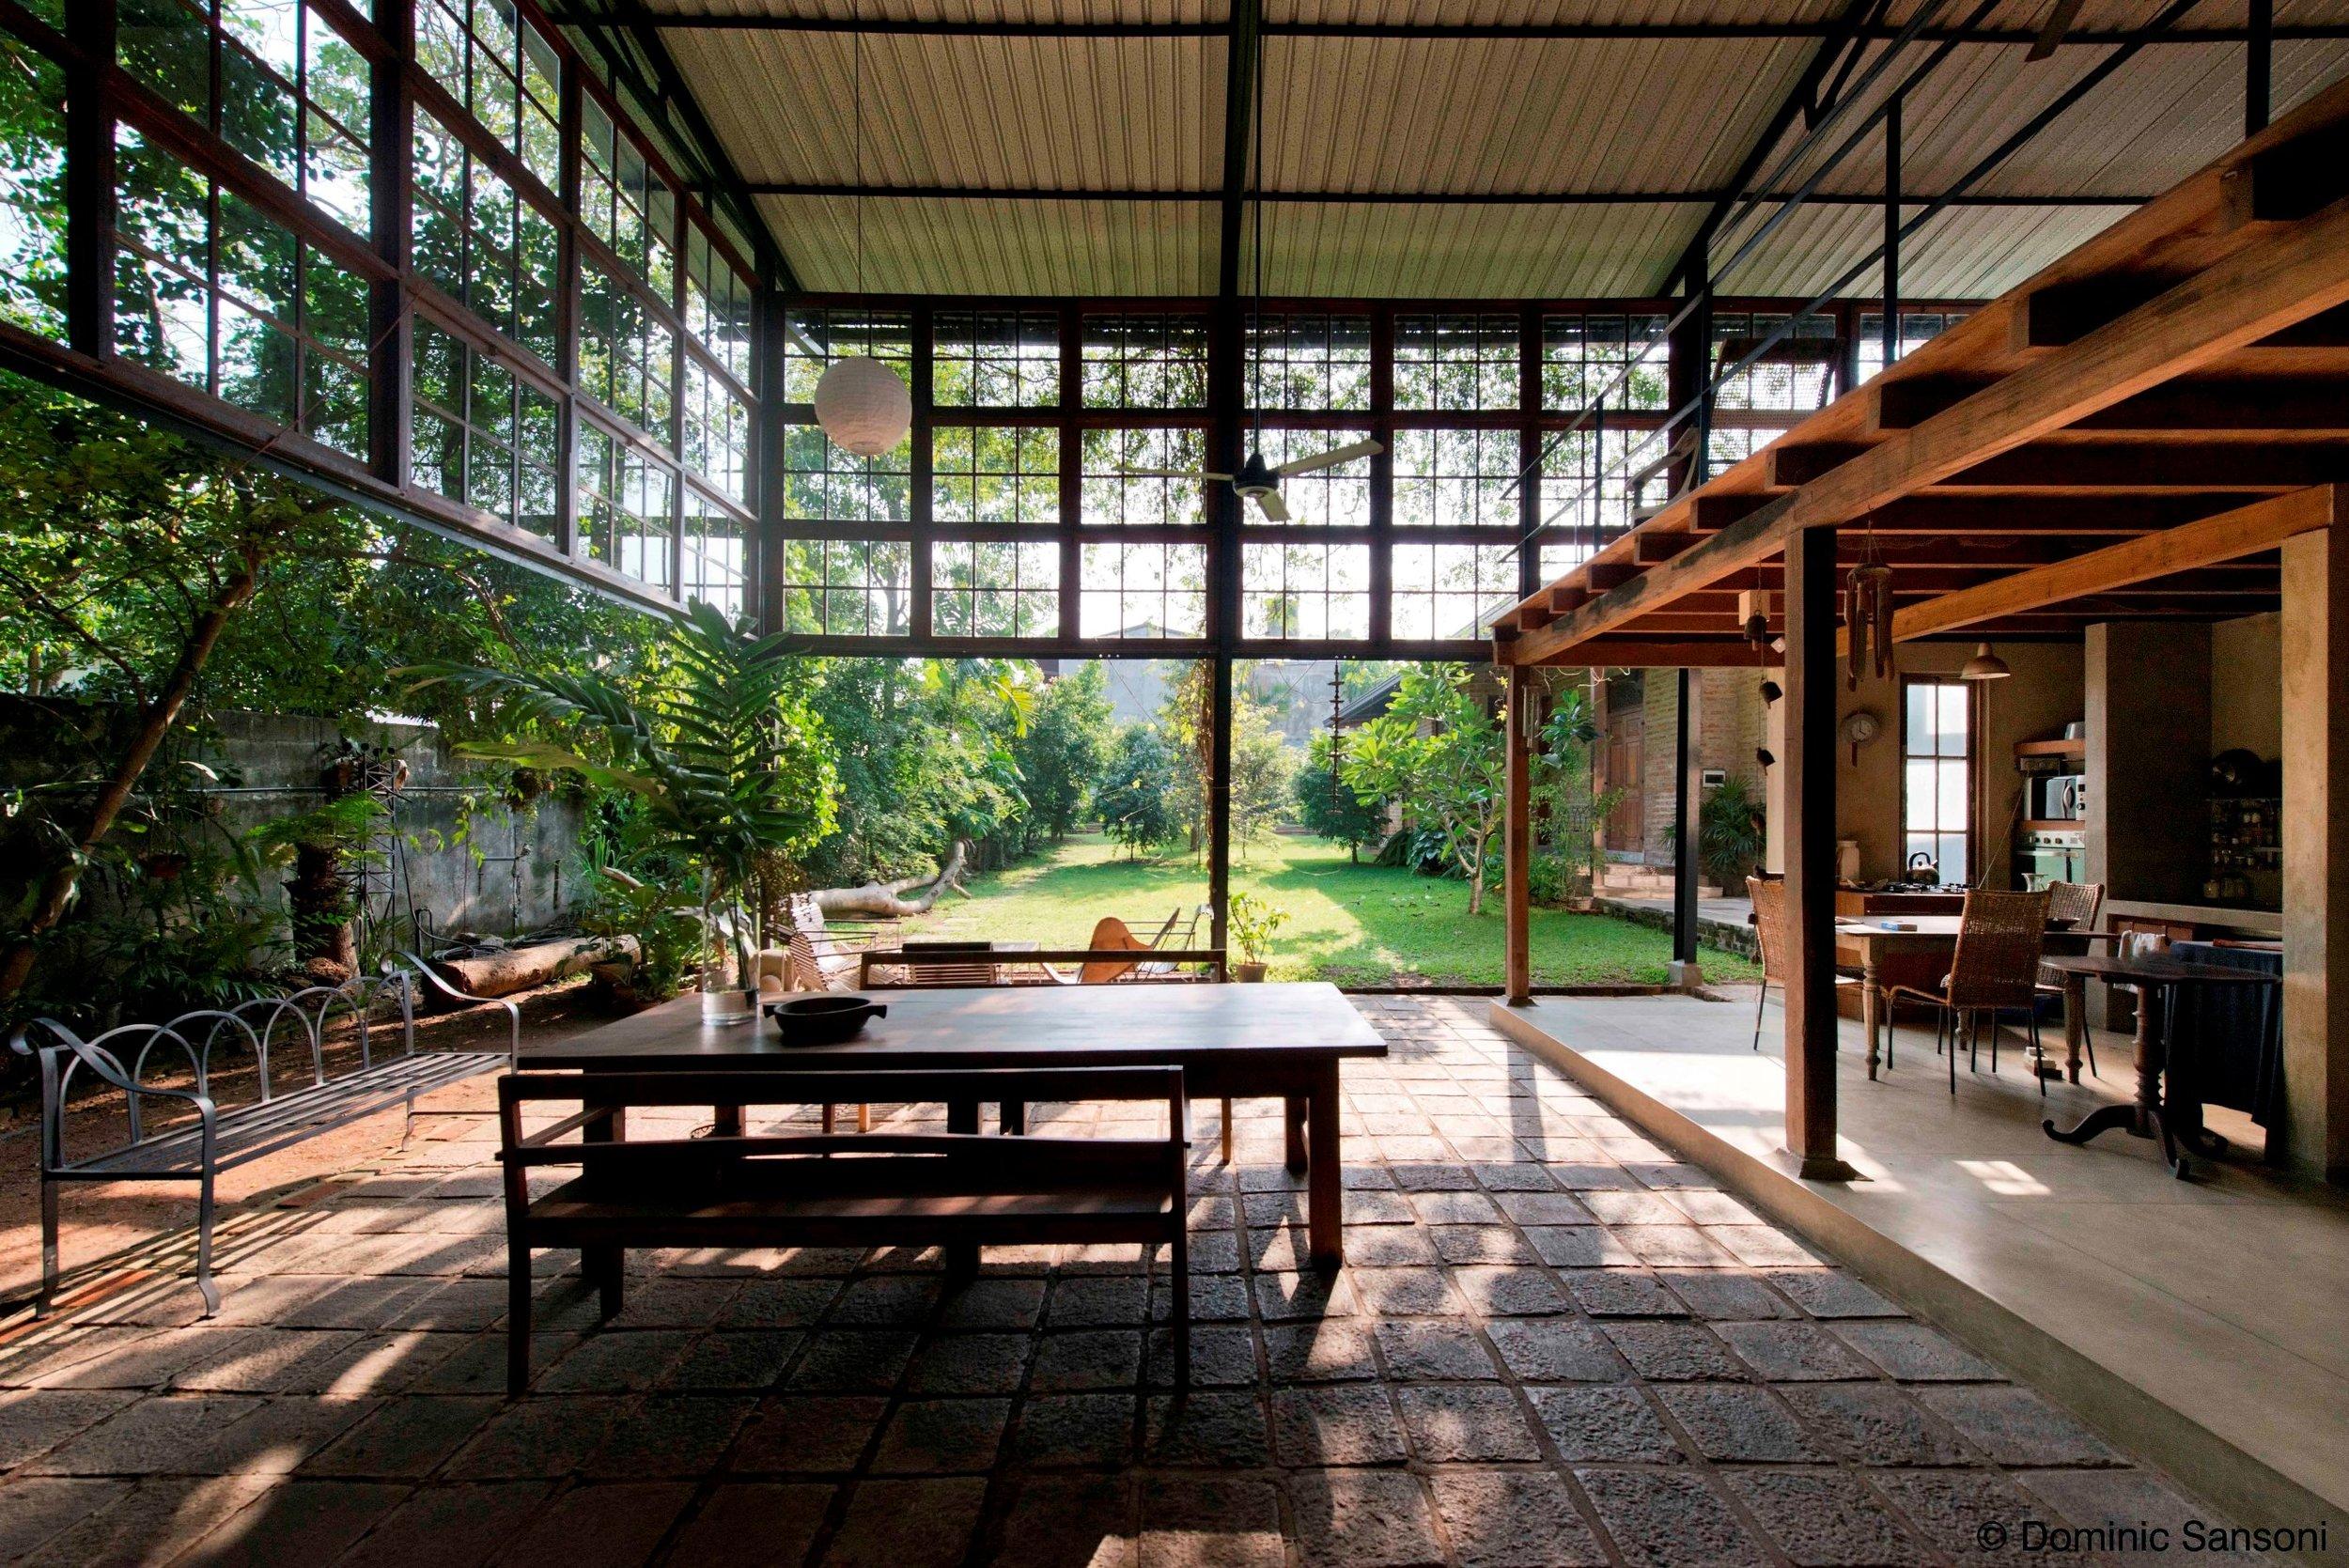 Mirihana home - garden room